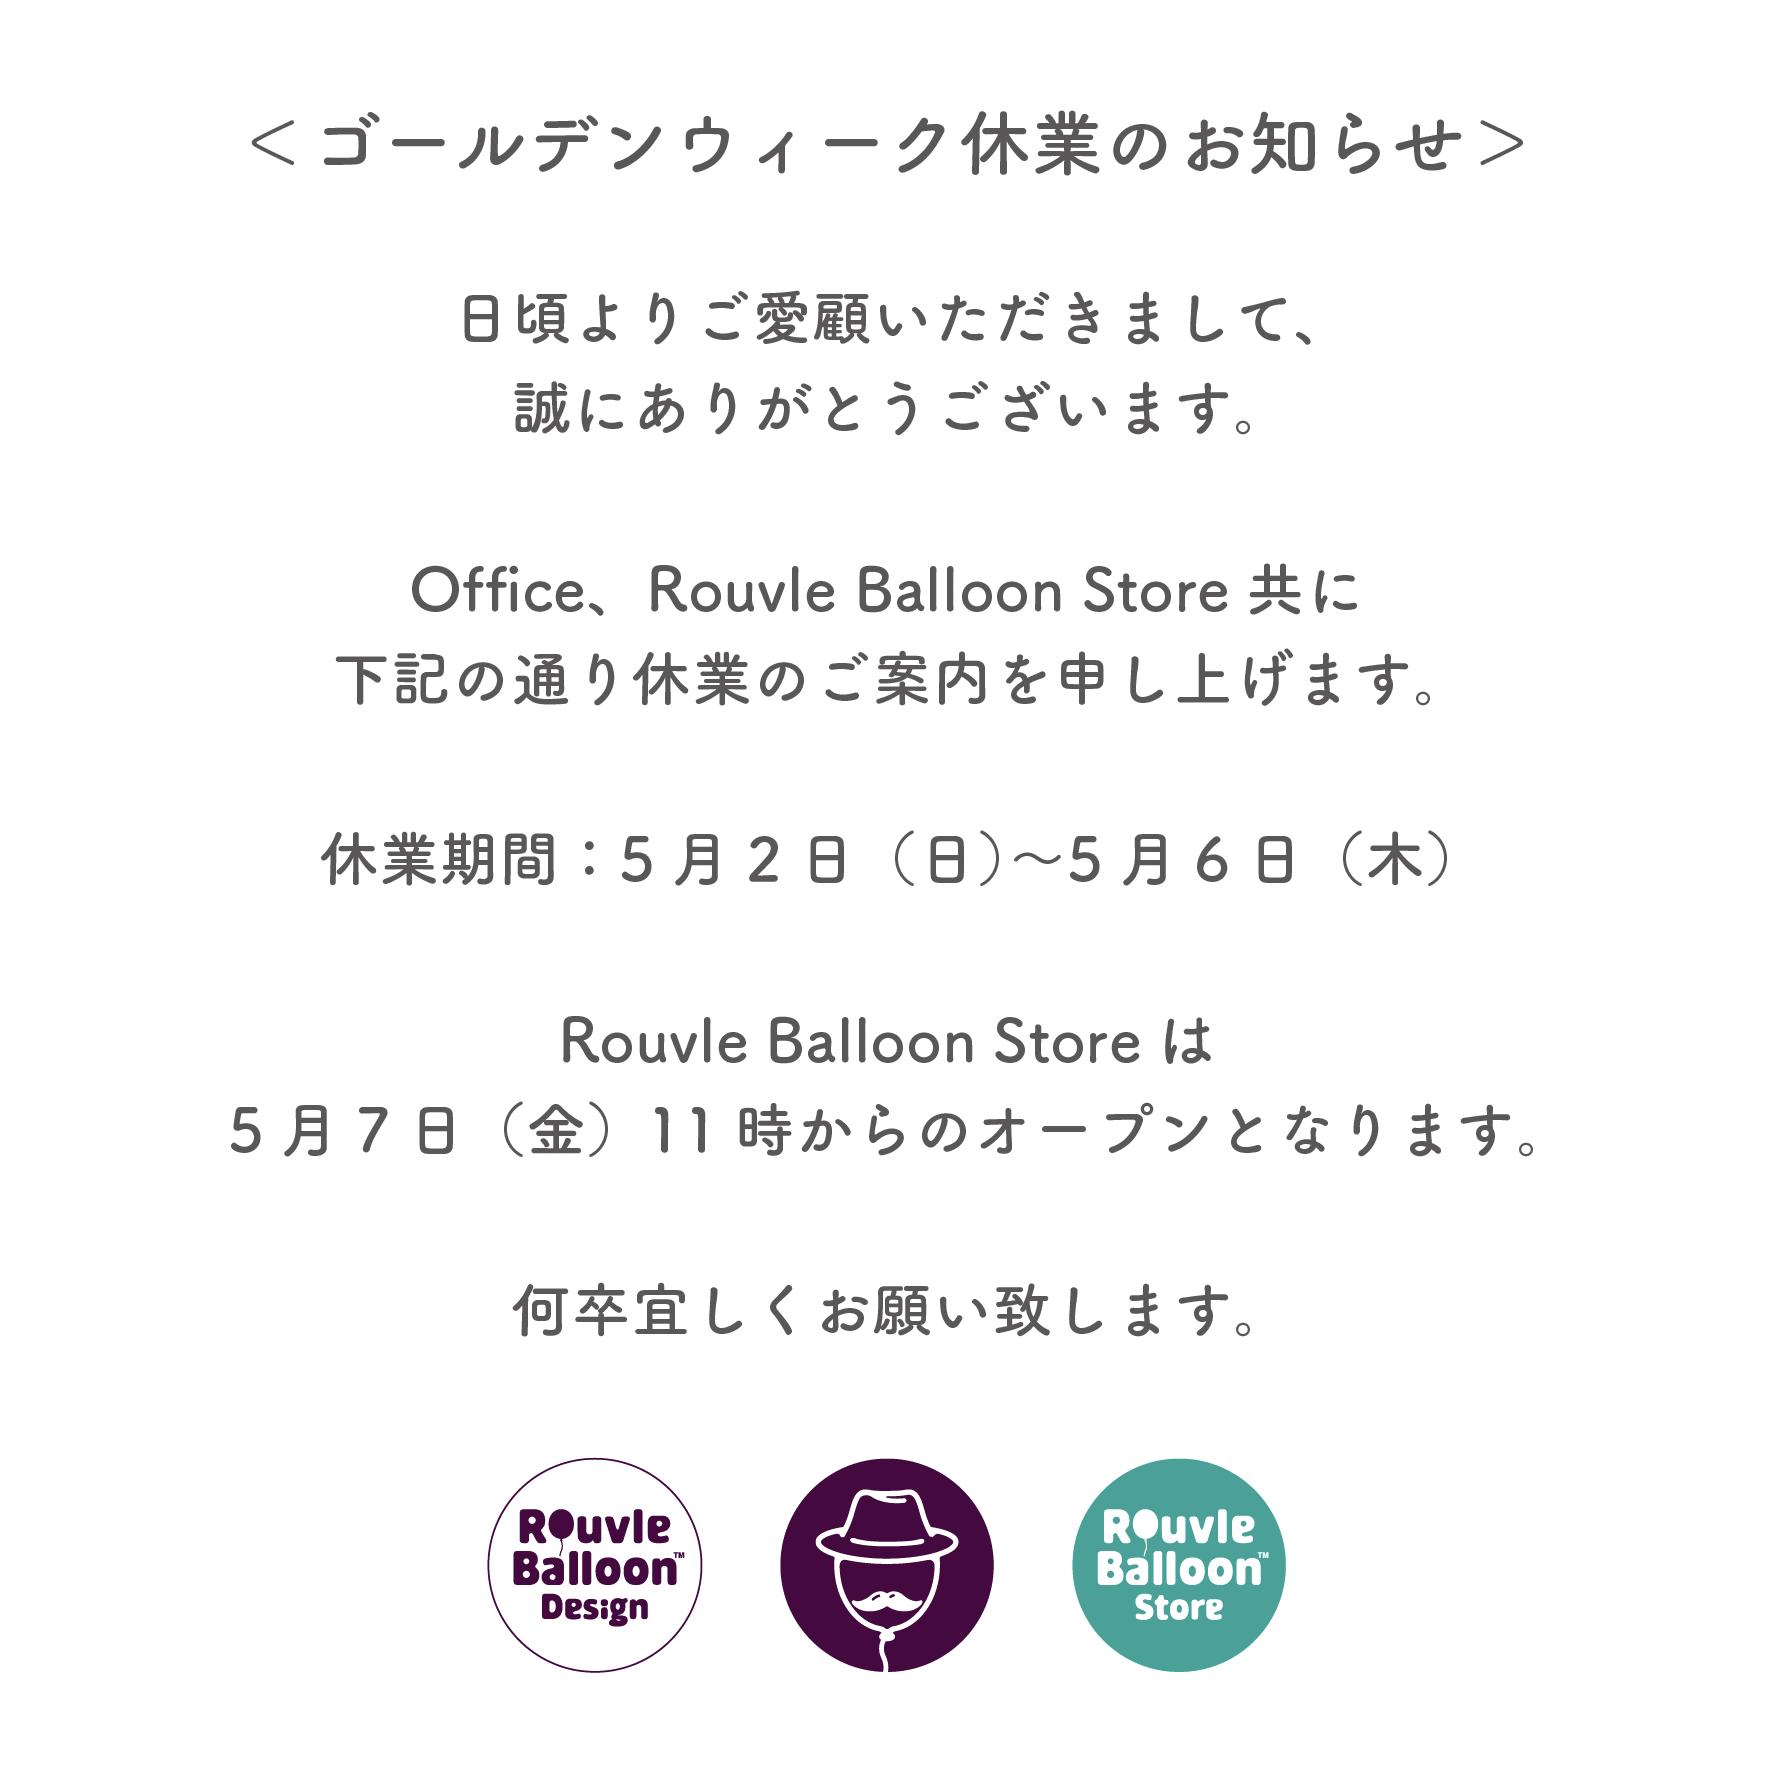 スクリーンショット 2021-04-17 16.08.03